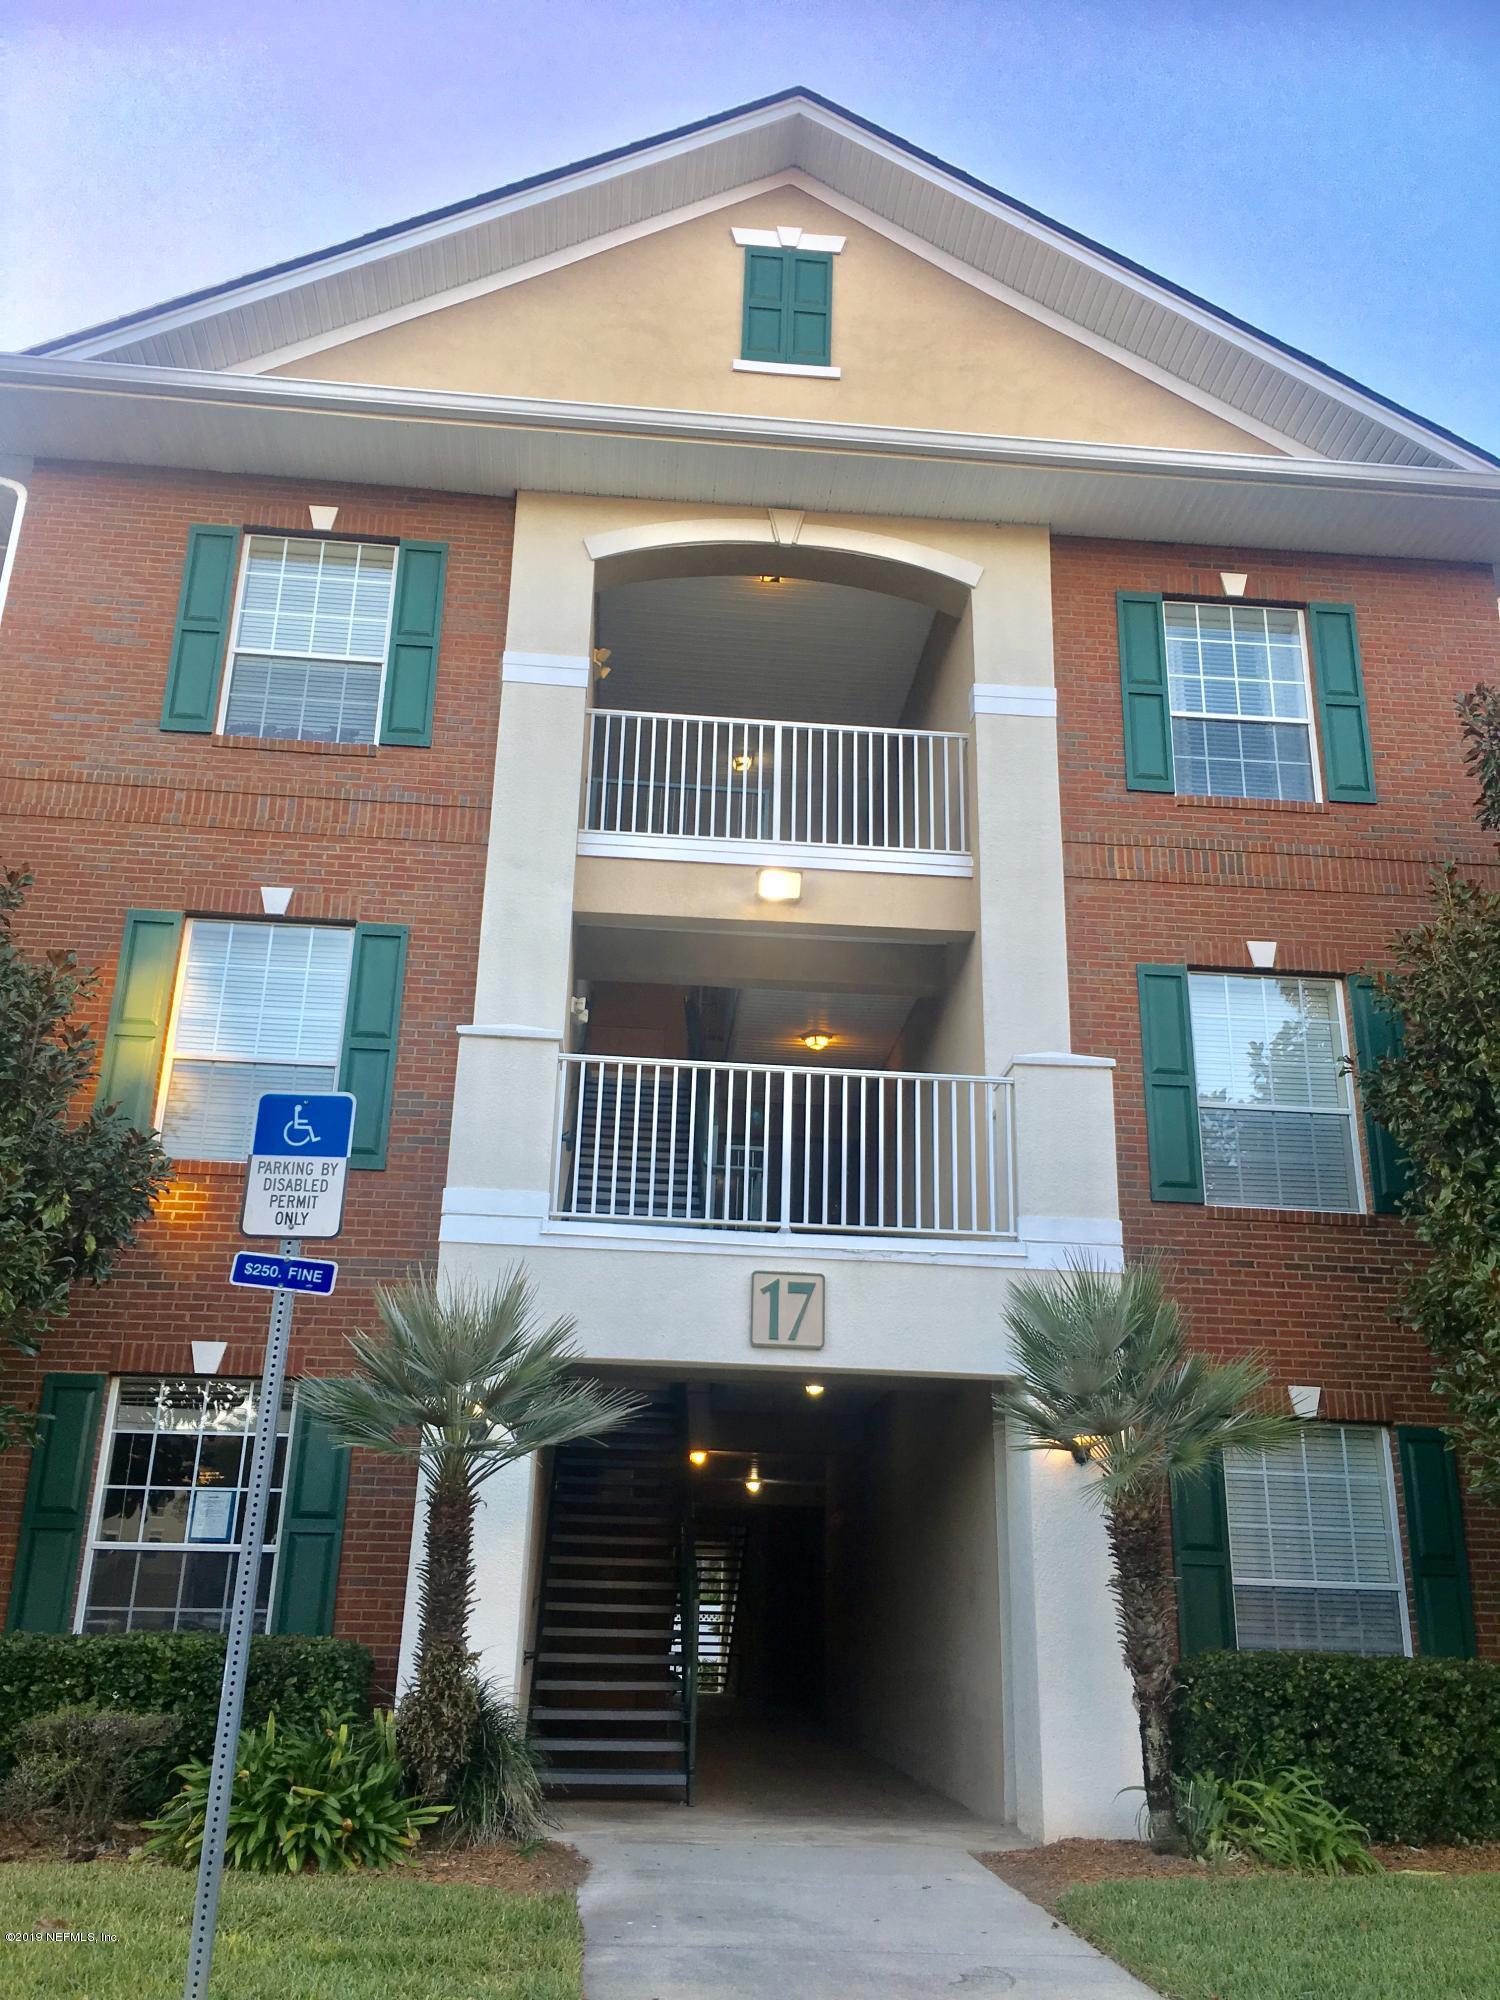 785 OAKLEAF PLANTATION, ORANGE PARK, FLORIDA 32065, 4 Bedrooms Bedrooms, ,2 BathroomsBathrooms,Residential - condos/townhomes,For sale,OAKLEAF PLANTATION,974644